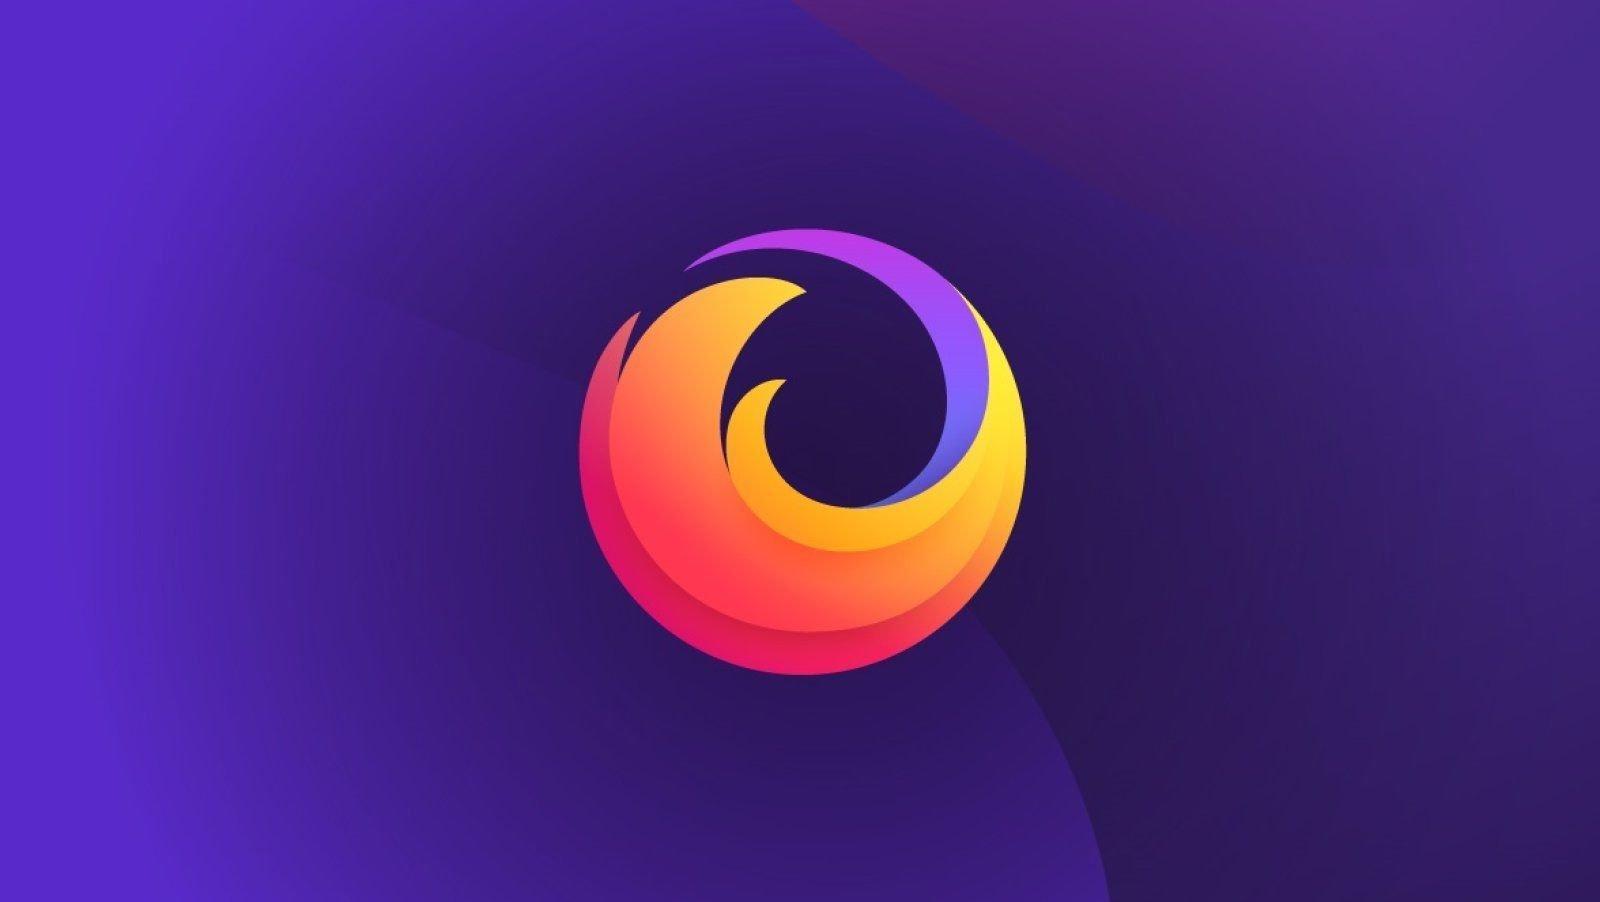 به کمک قابلیت جدید تصویر در تصویر فایرفاکس تماشای ویدئو سادهتر میشود